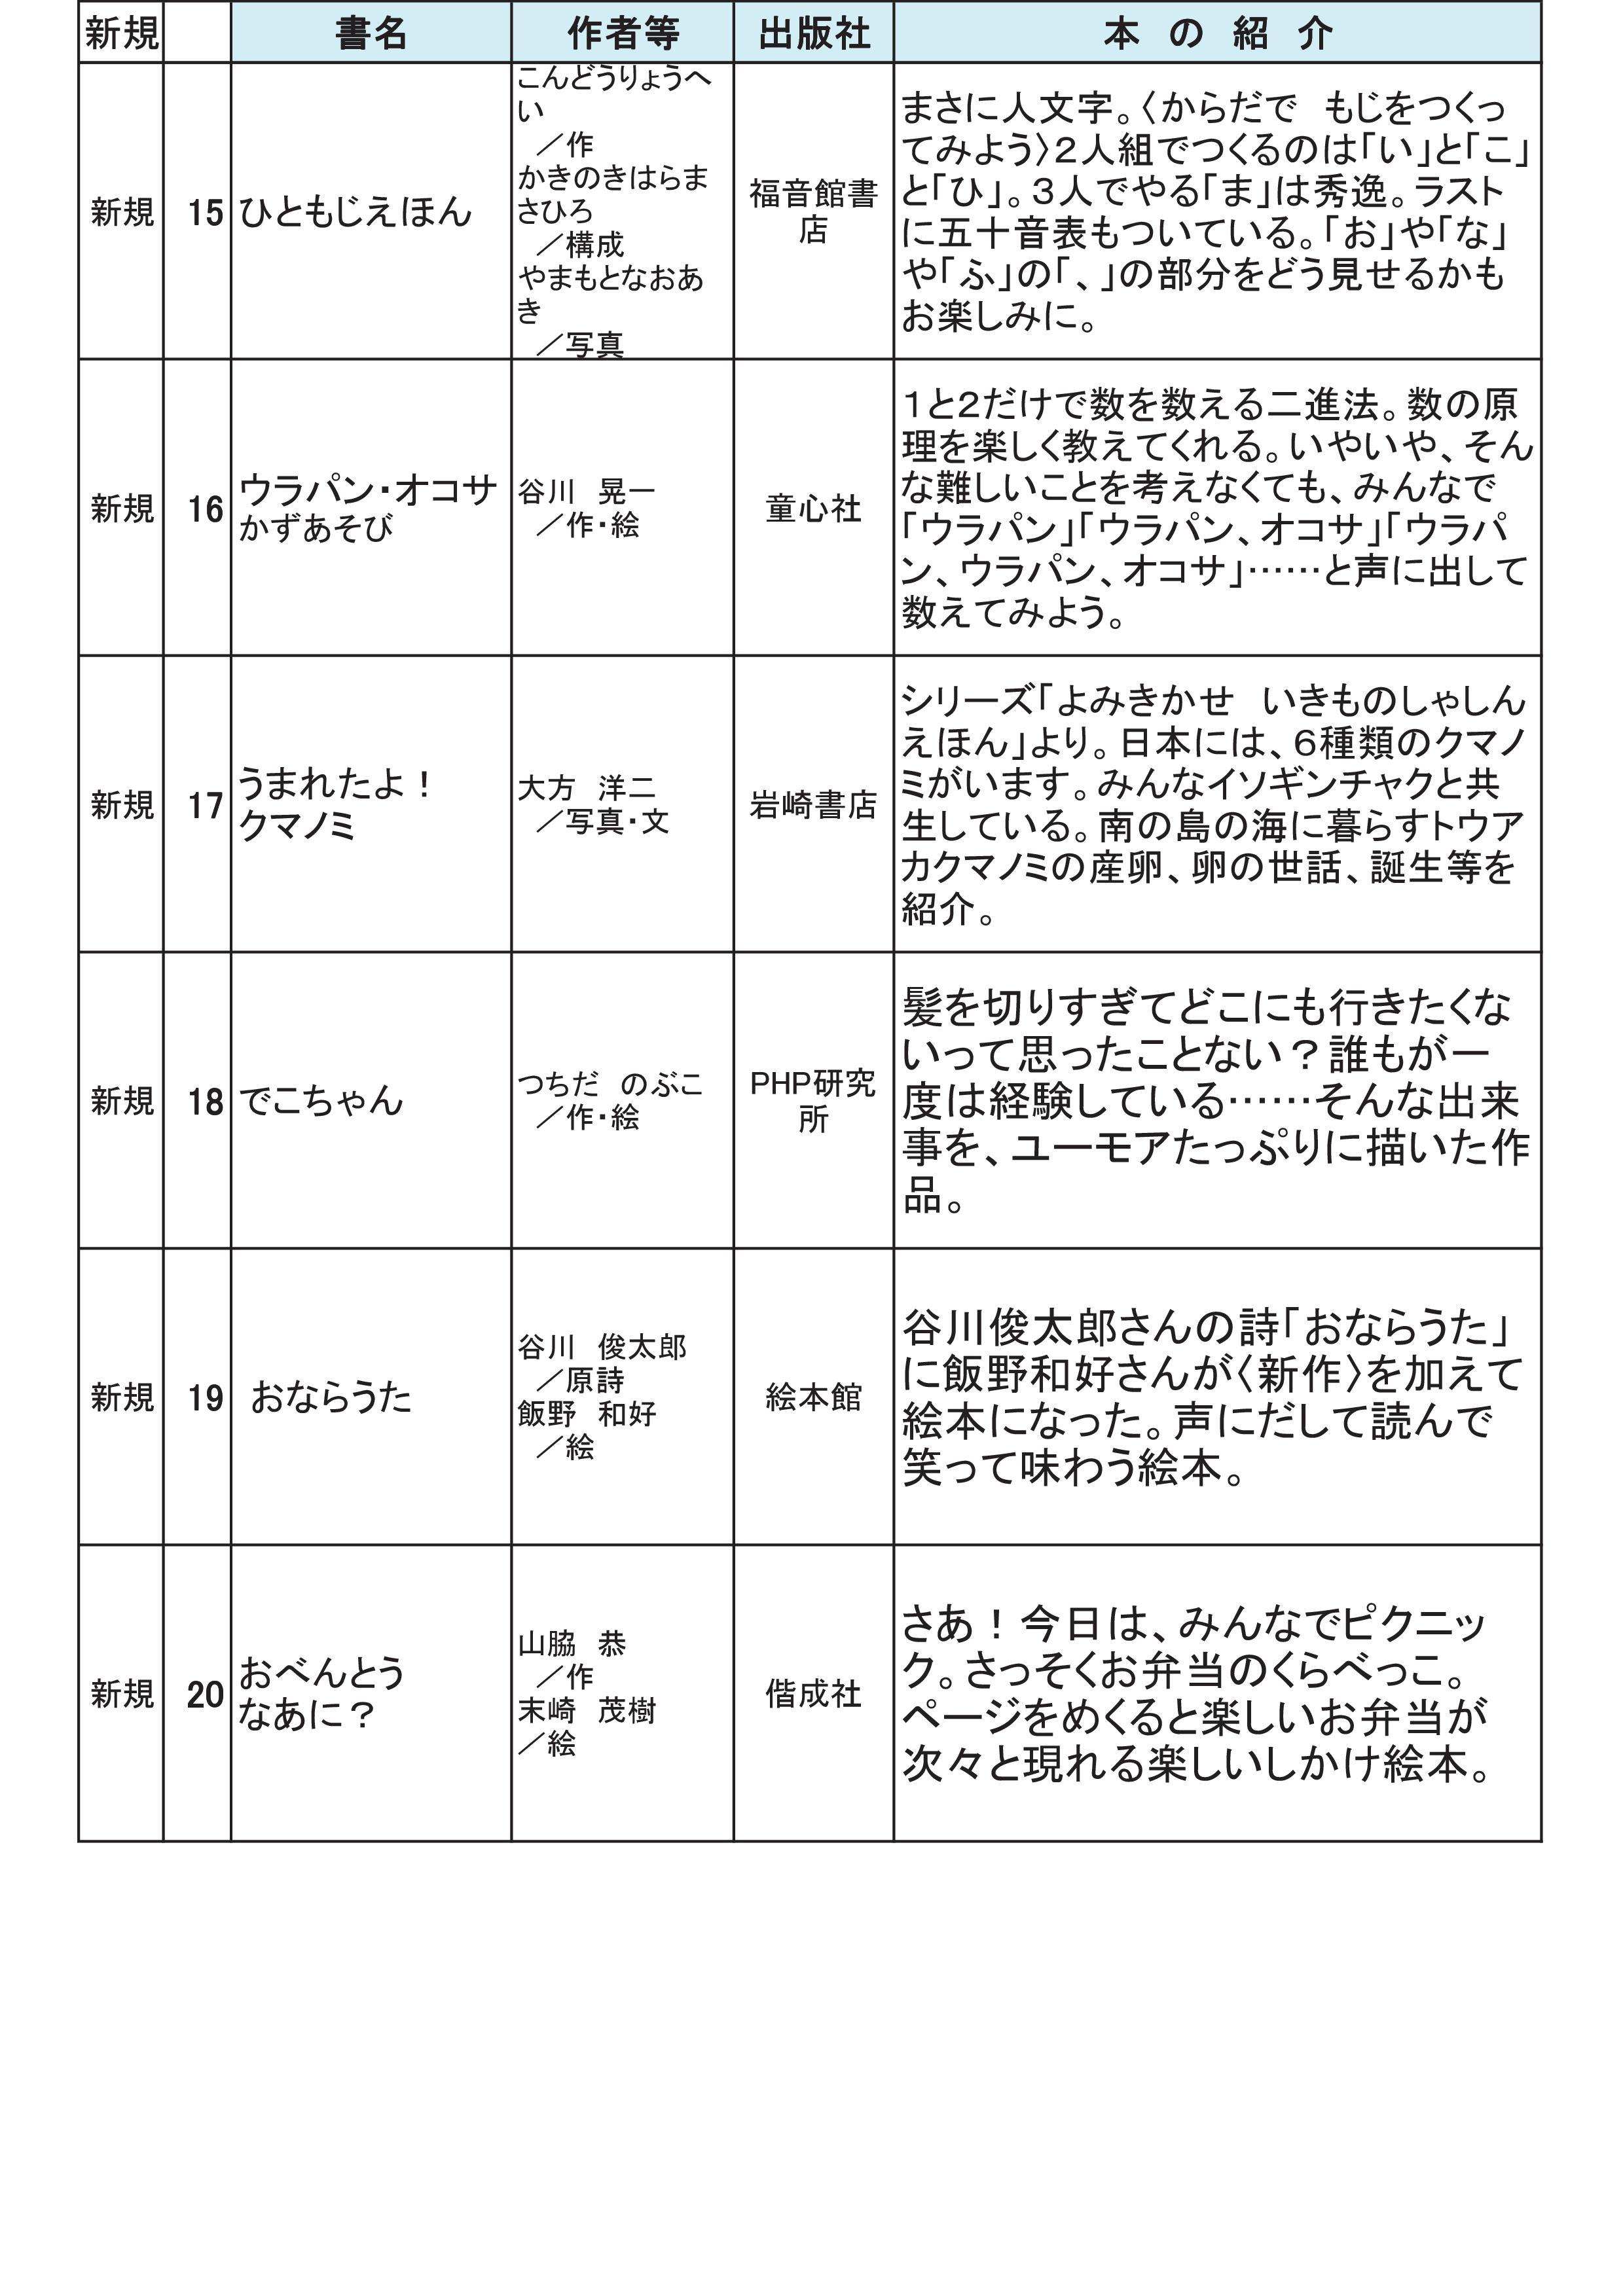 tosyokann2-003